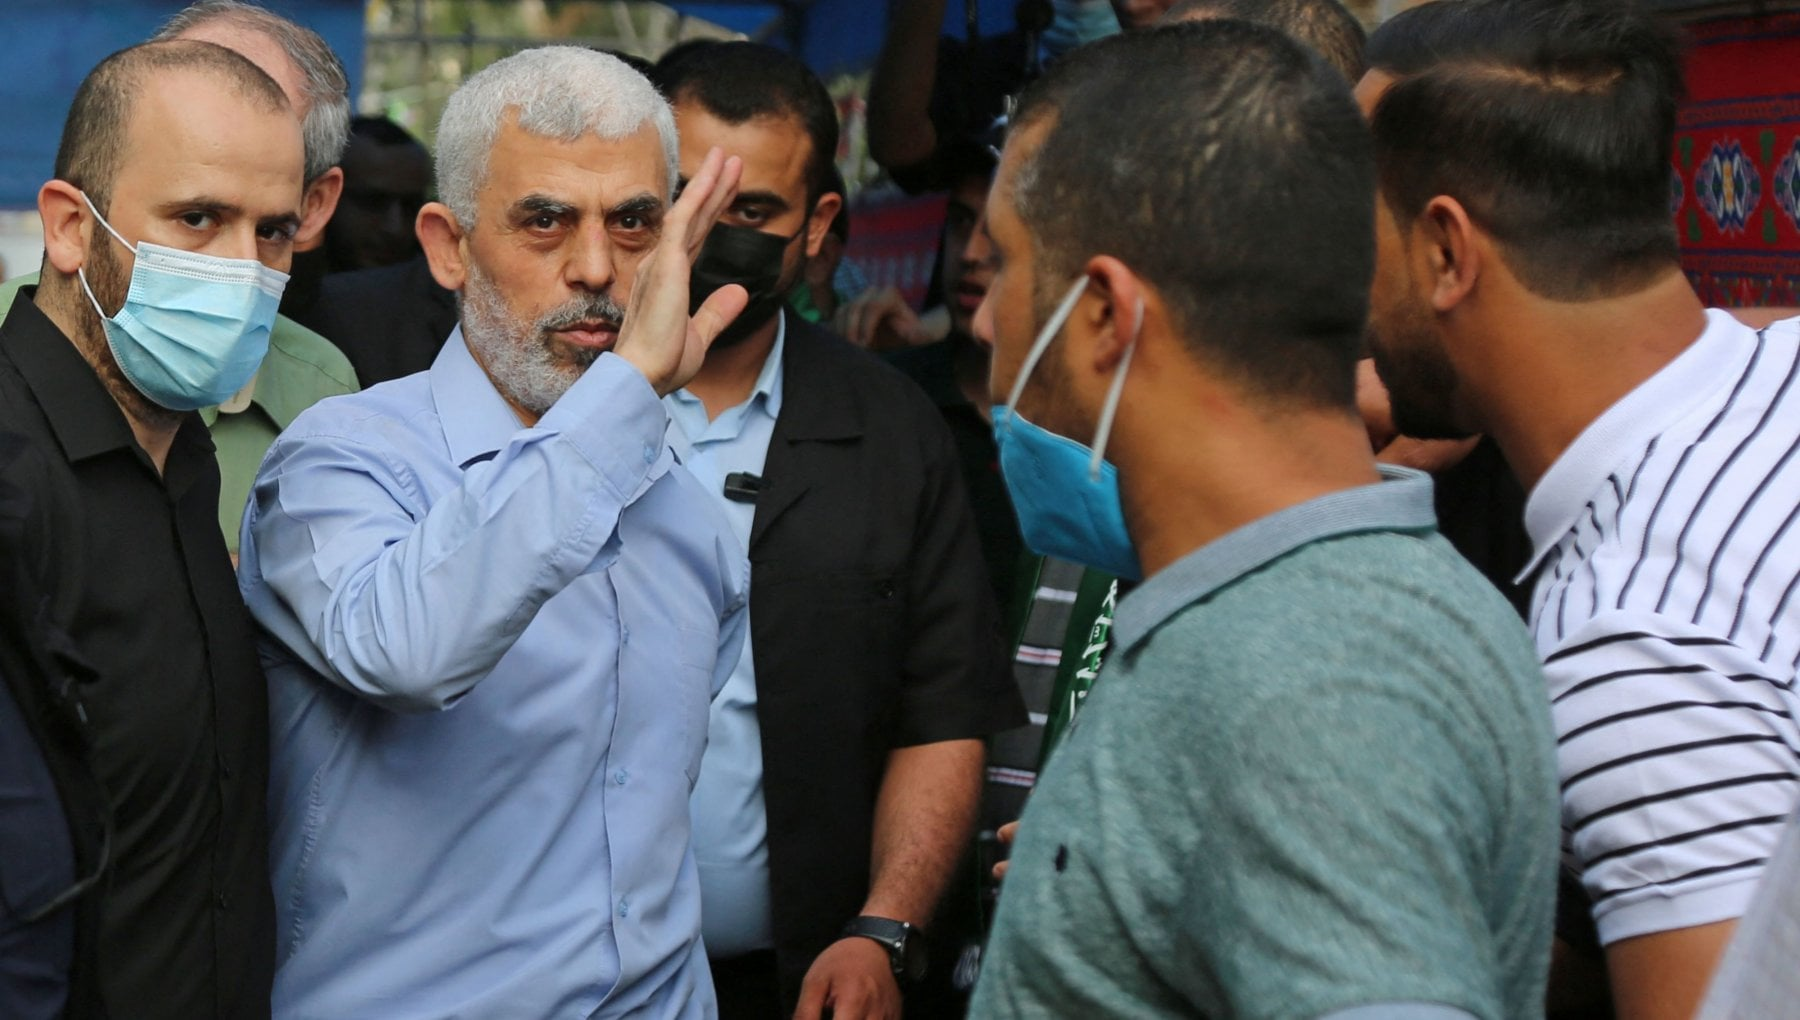 220100032 4ec33114 fd93 48da 87f6 c266cbb78c01 - Il ritorno di Sinwar. Il capo di Hamas a Gaza si mostra e sfida Israele